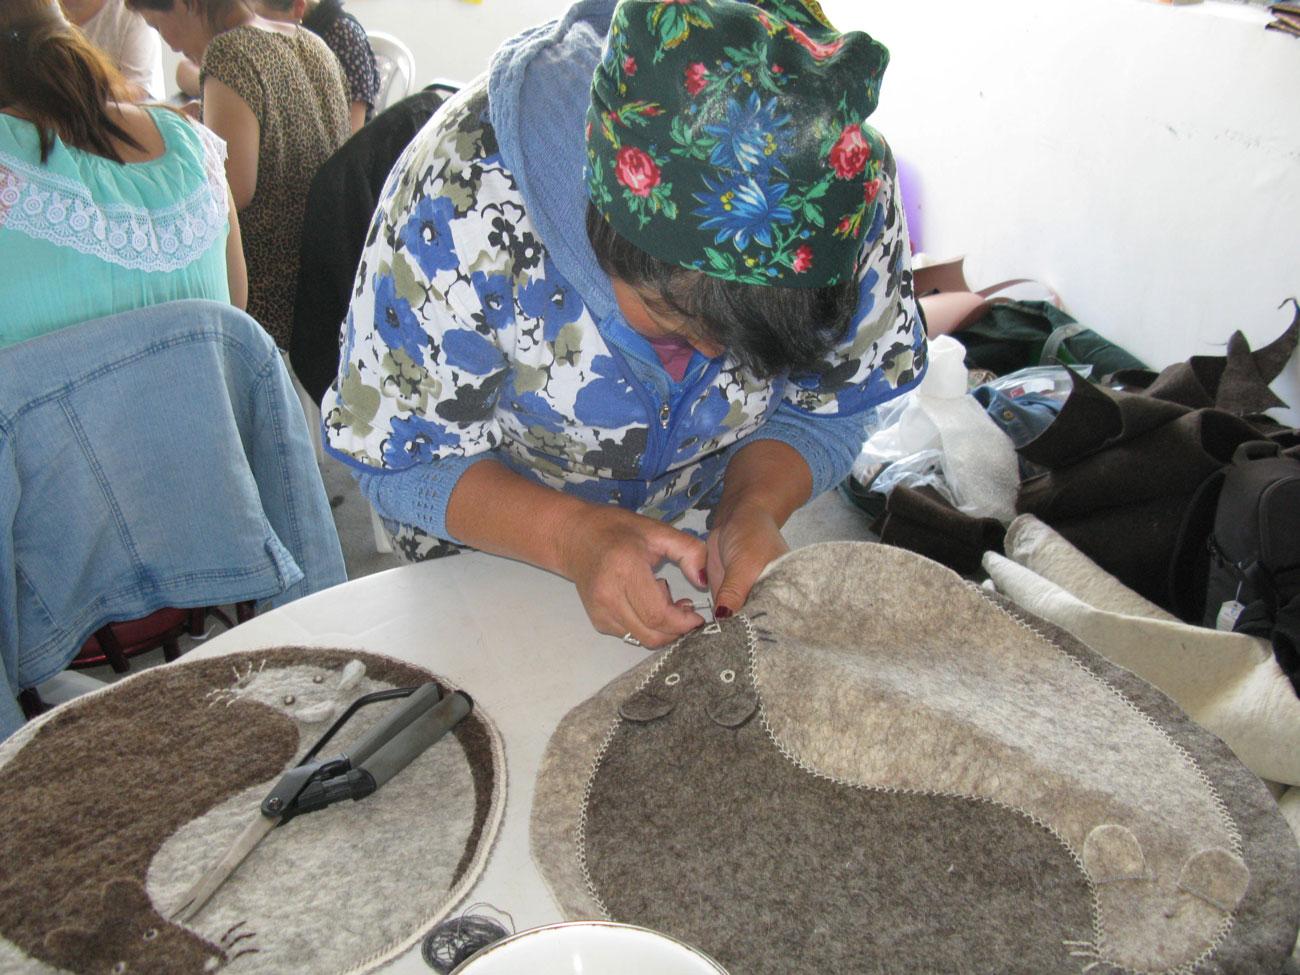 An artisan adds the final stitches to a felt pet mat